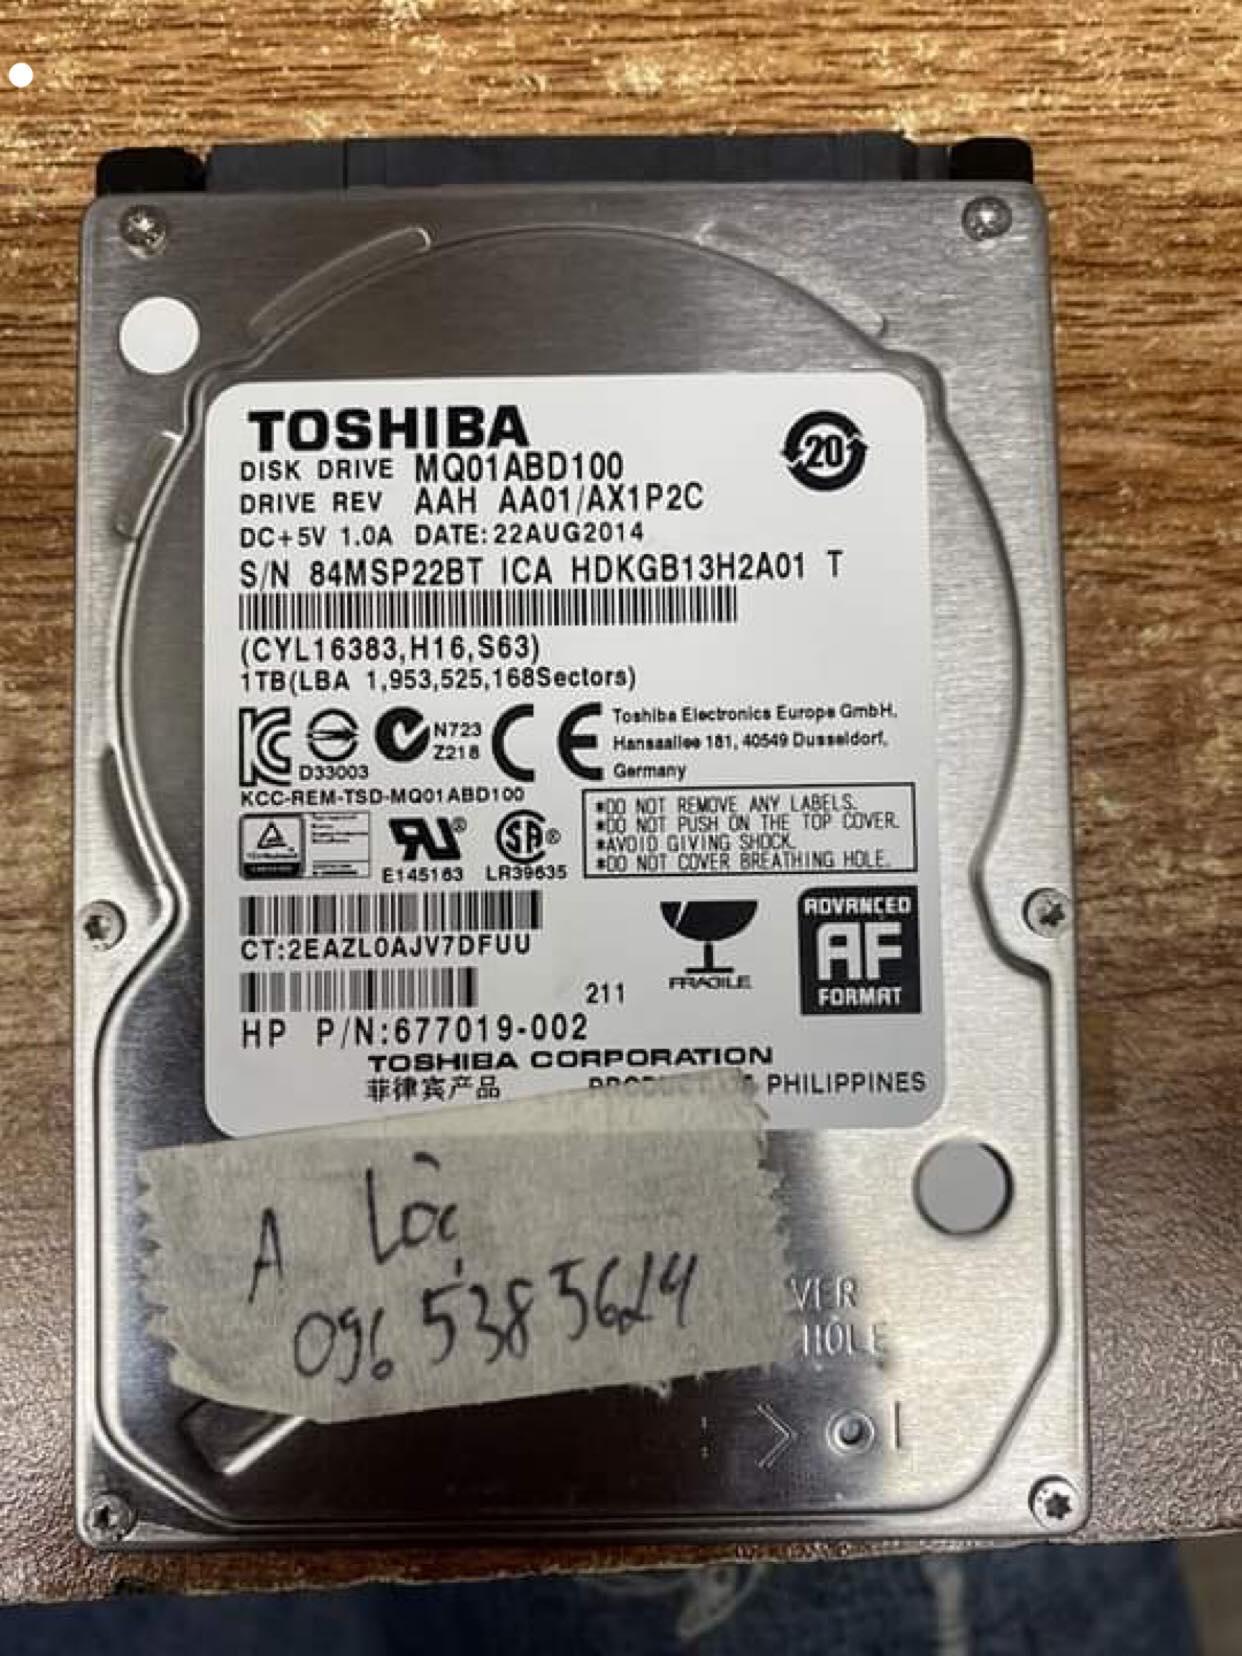 Phục hồi dữ liệu ổ cứng Toshiba 1TB không nhận 14/02/2020 - cuumaytinh